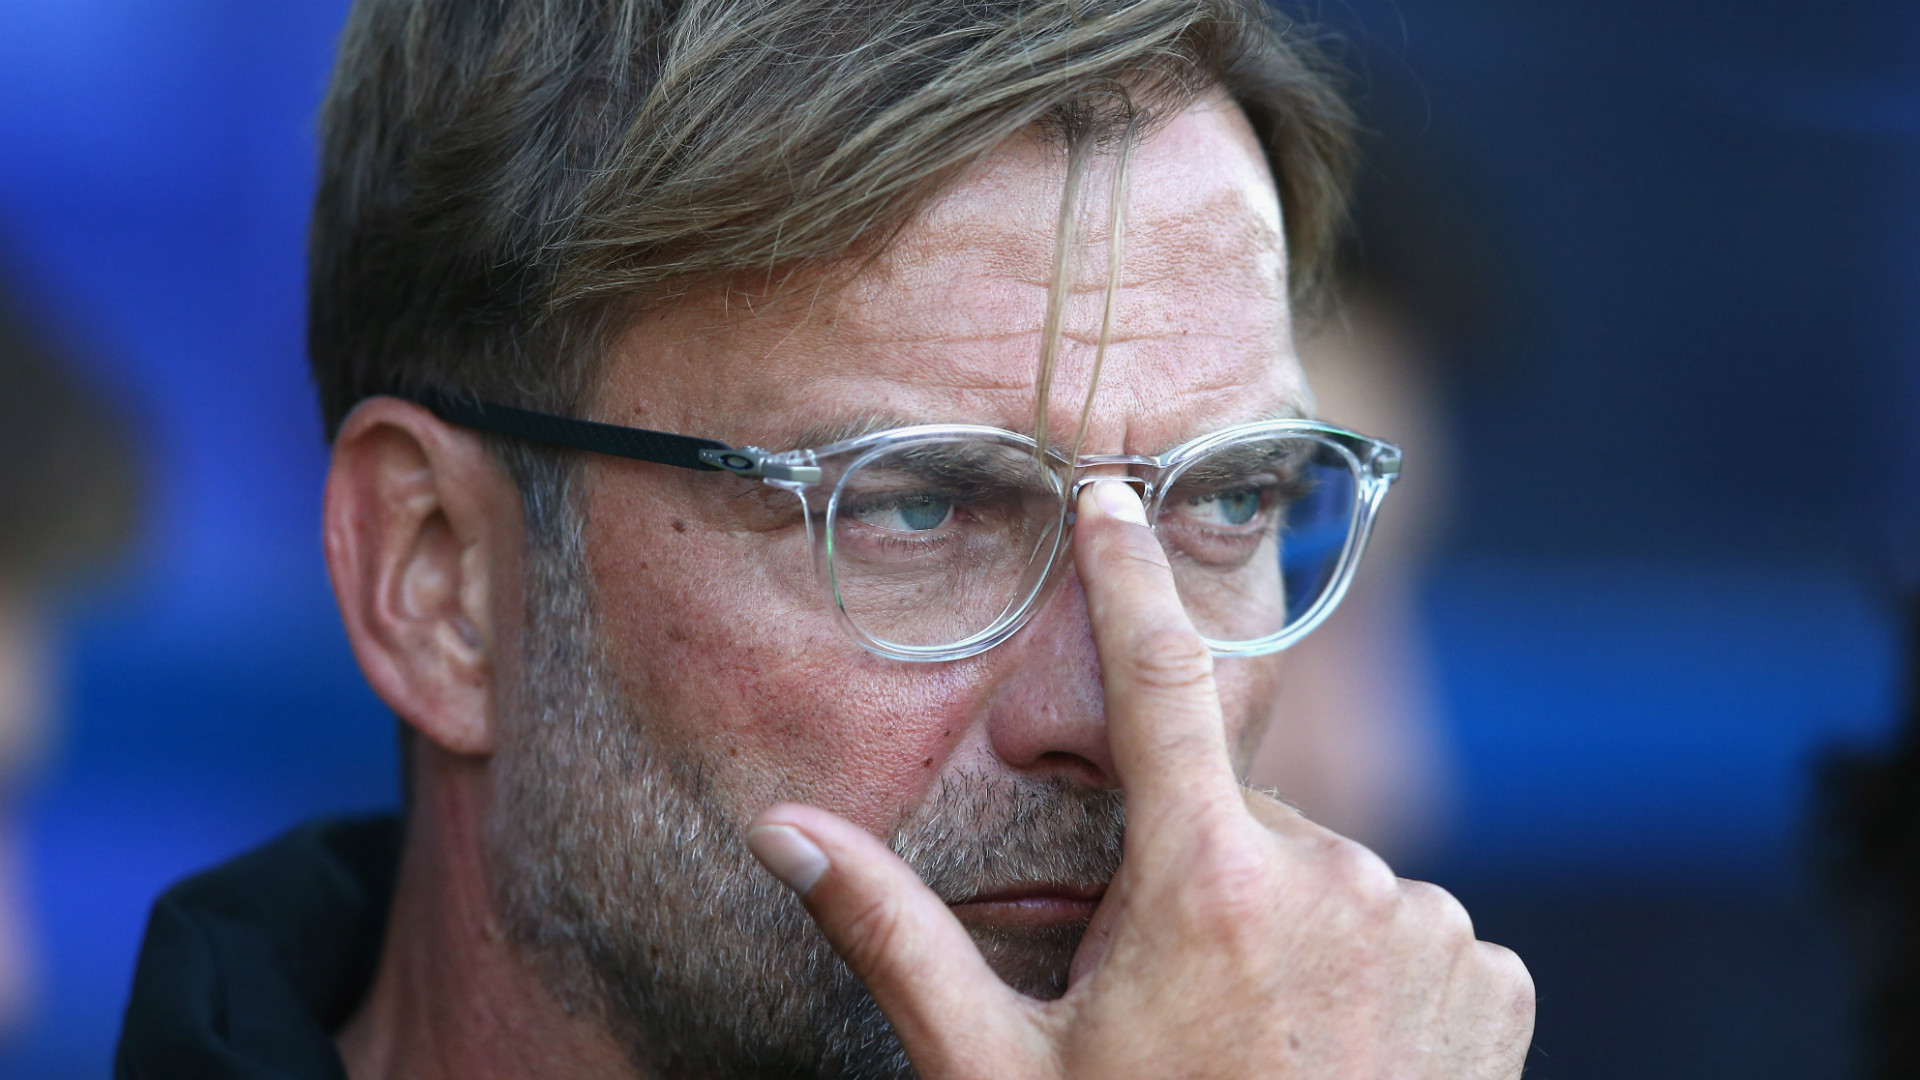 Coutinho no se vende, dice el técnico del Liverpool